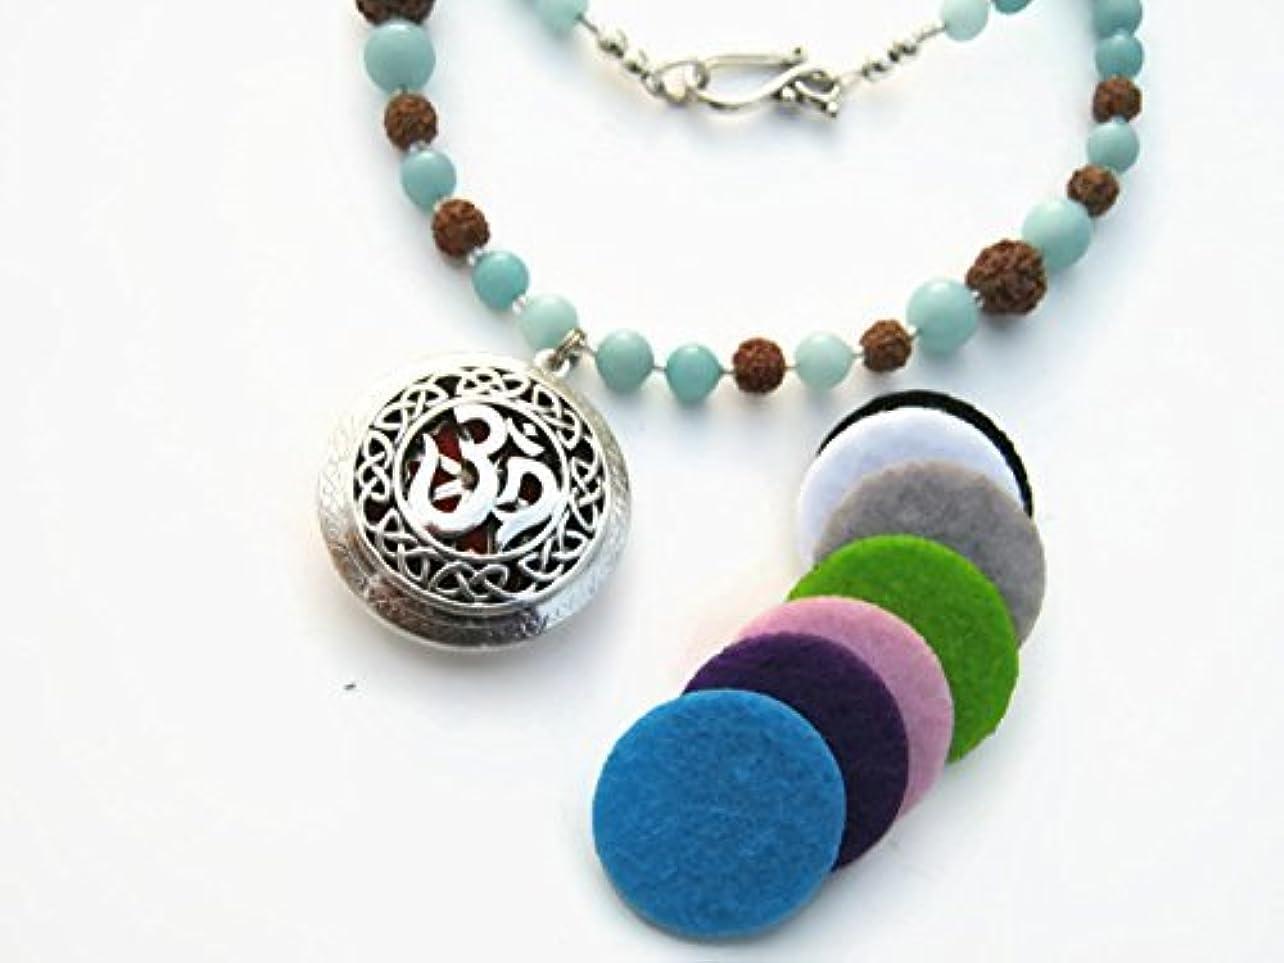 豚肉迷信証拠Om Essential Oil Diffuser Necklace 23 Aqua Jade Gemstone Necklace Bodhi Seed Mala Locket Necklace [並行輸入品]